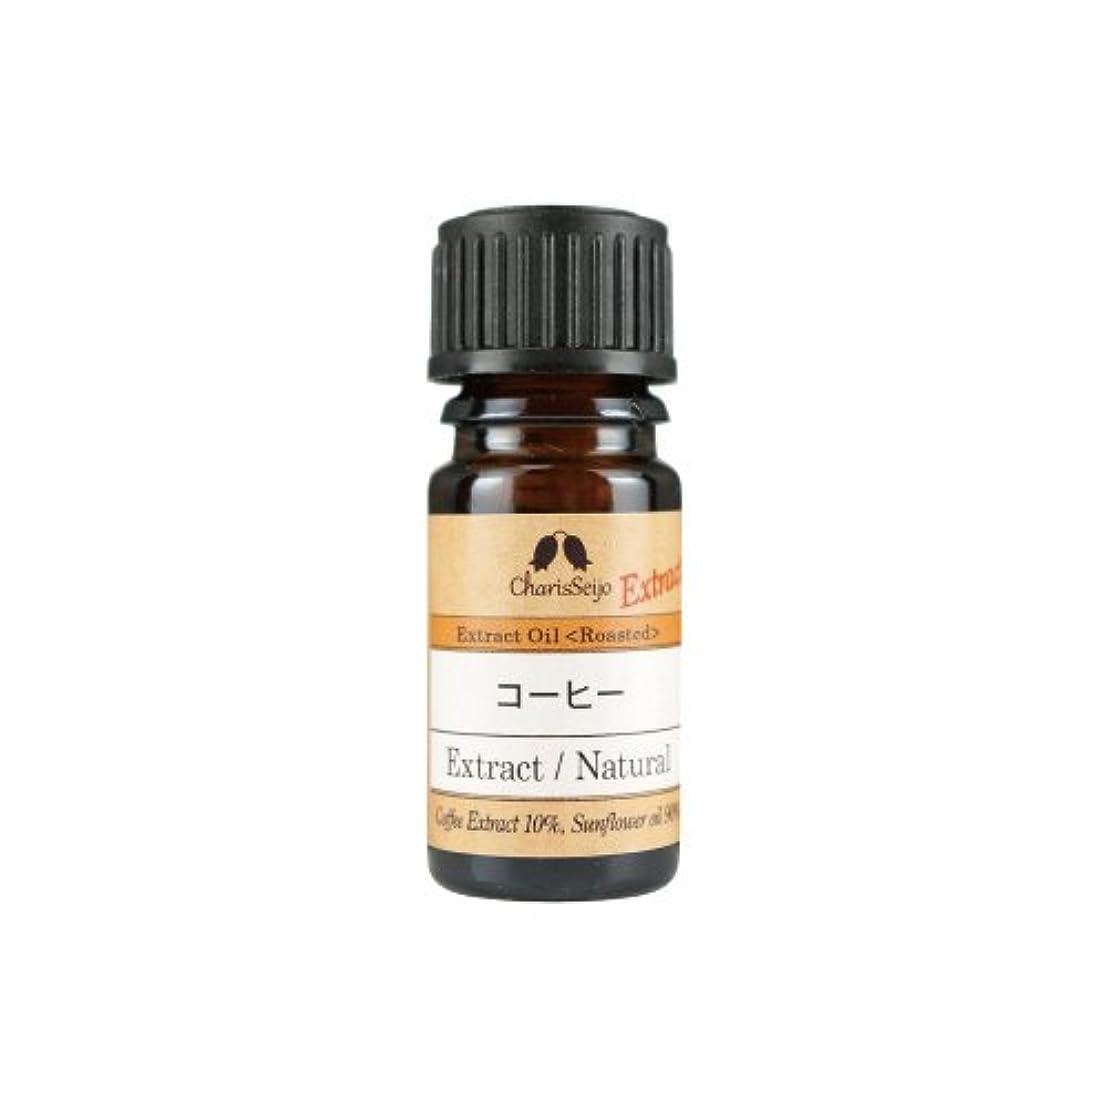 従順な平凡器用カリス エッセンシャルオイル コーヒーエクストラクト(10%希釈液)2ml